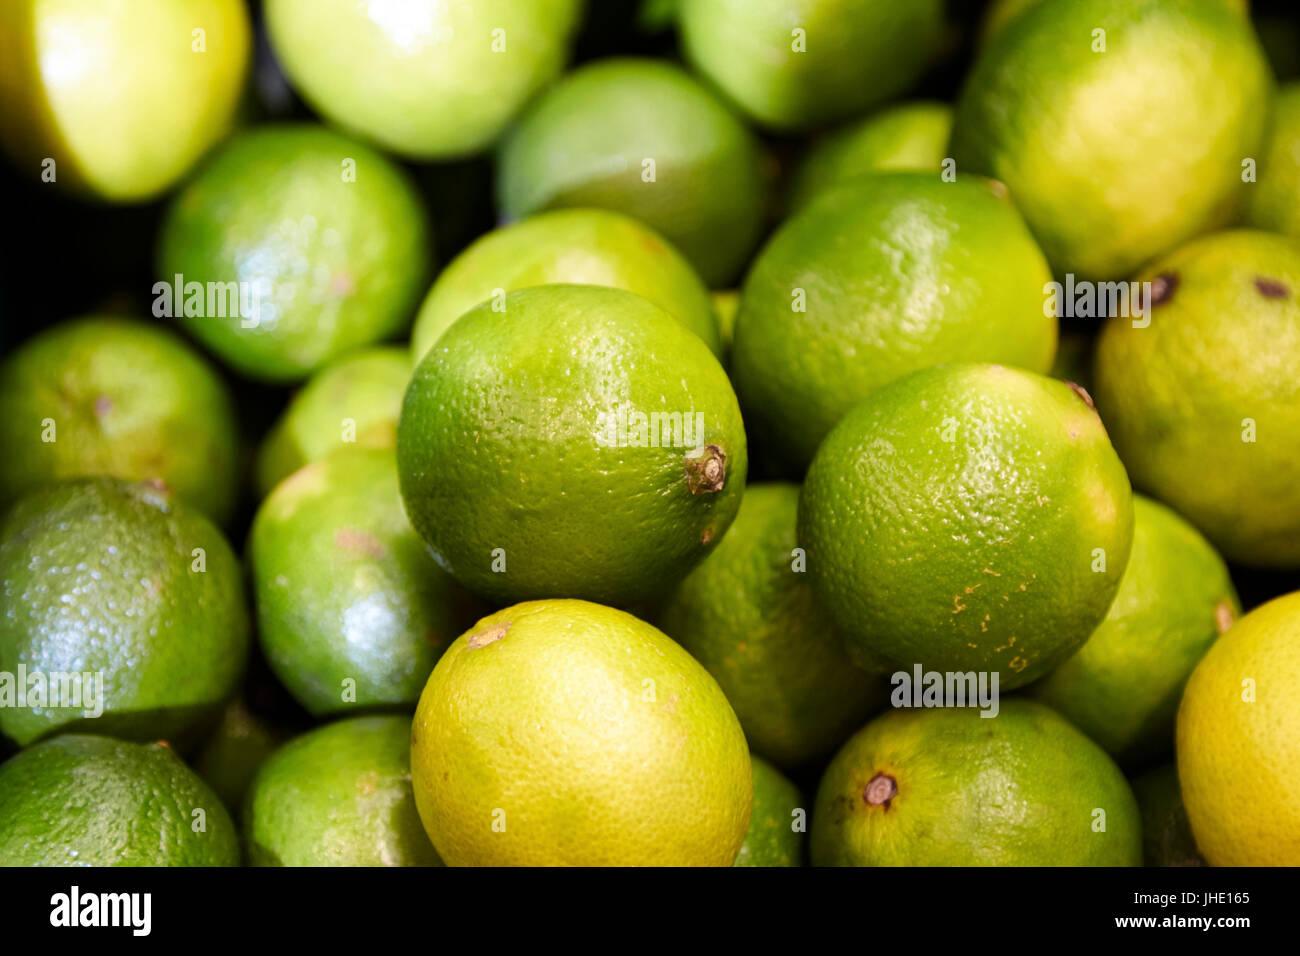 fresh limes - Stock Image